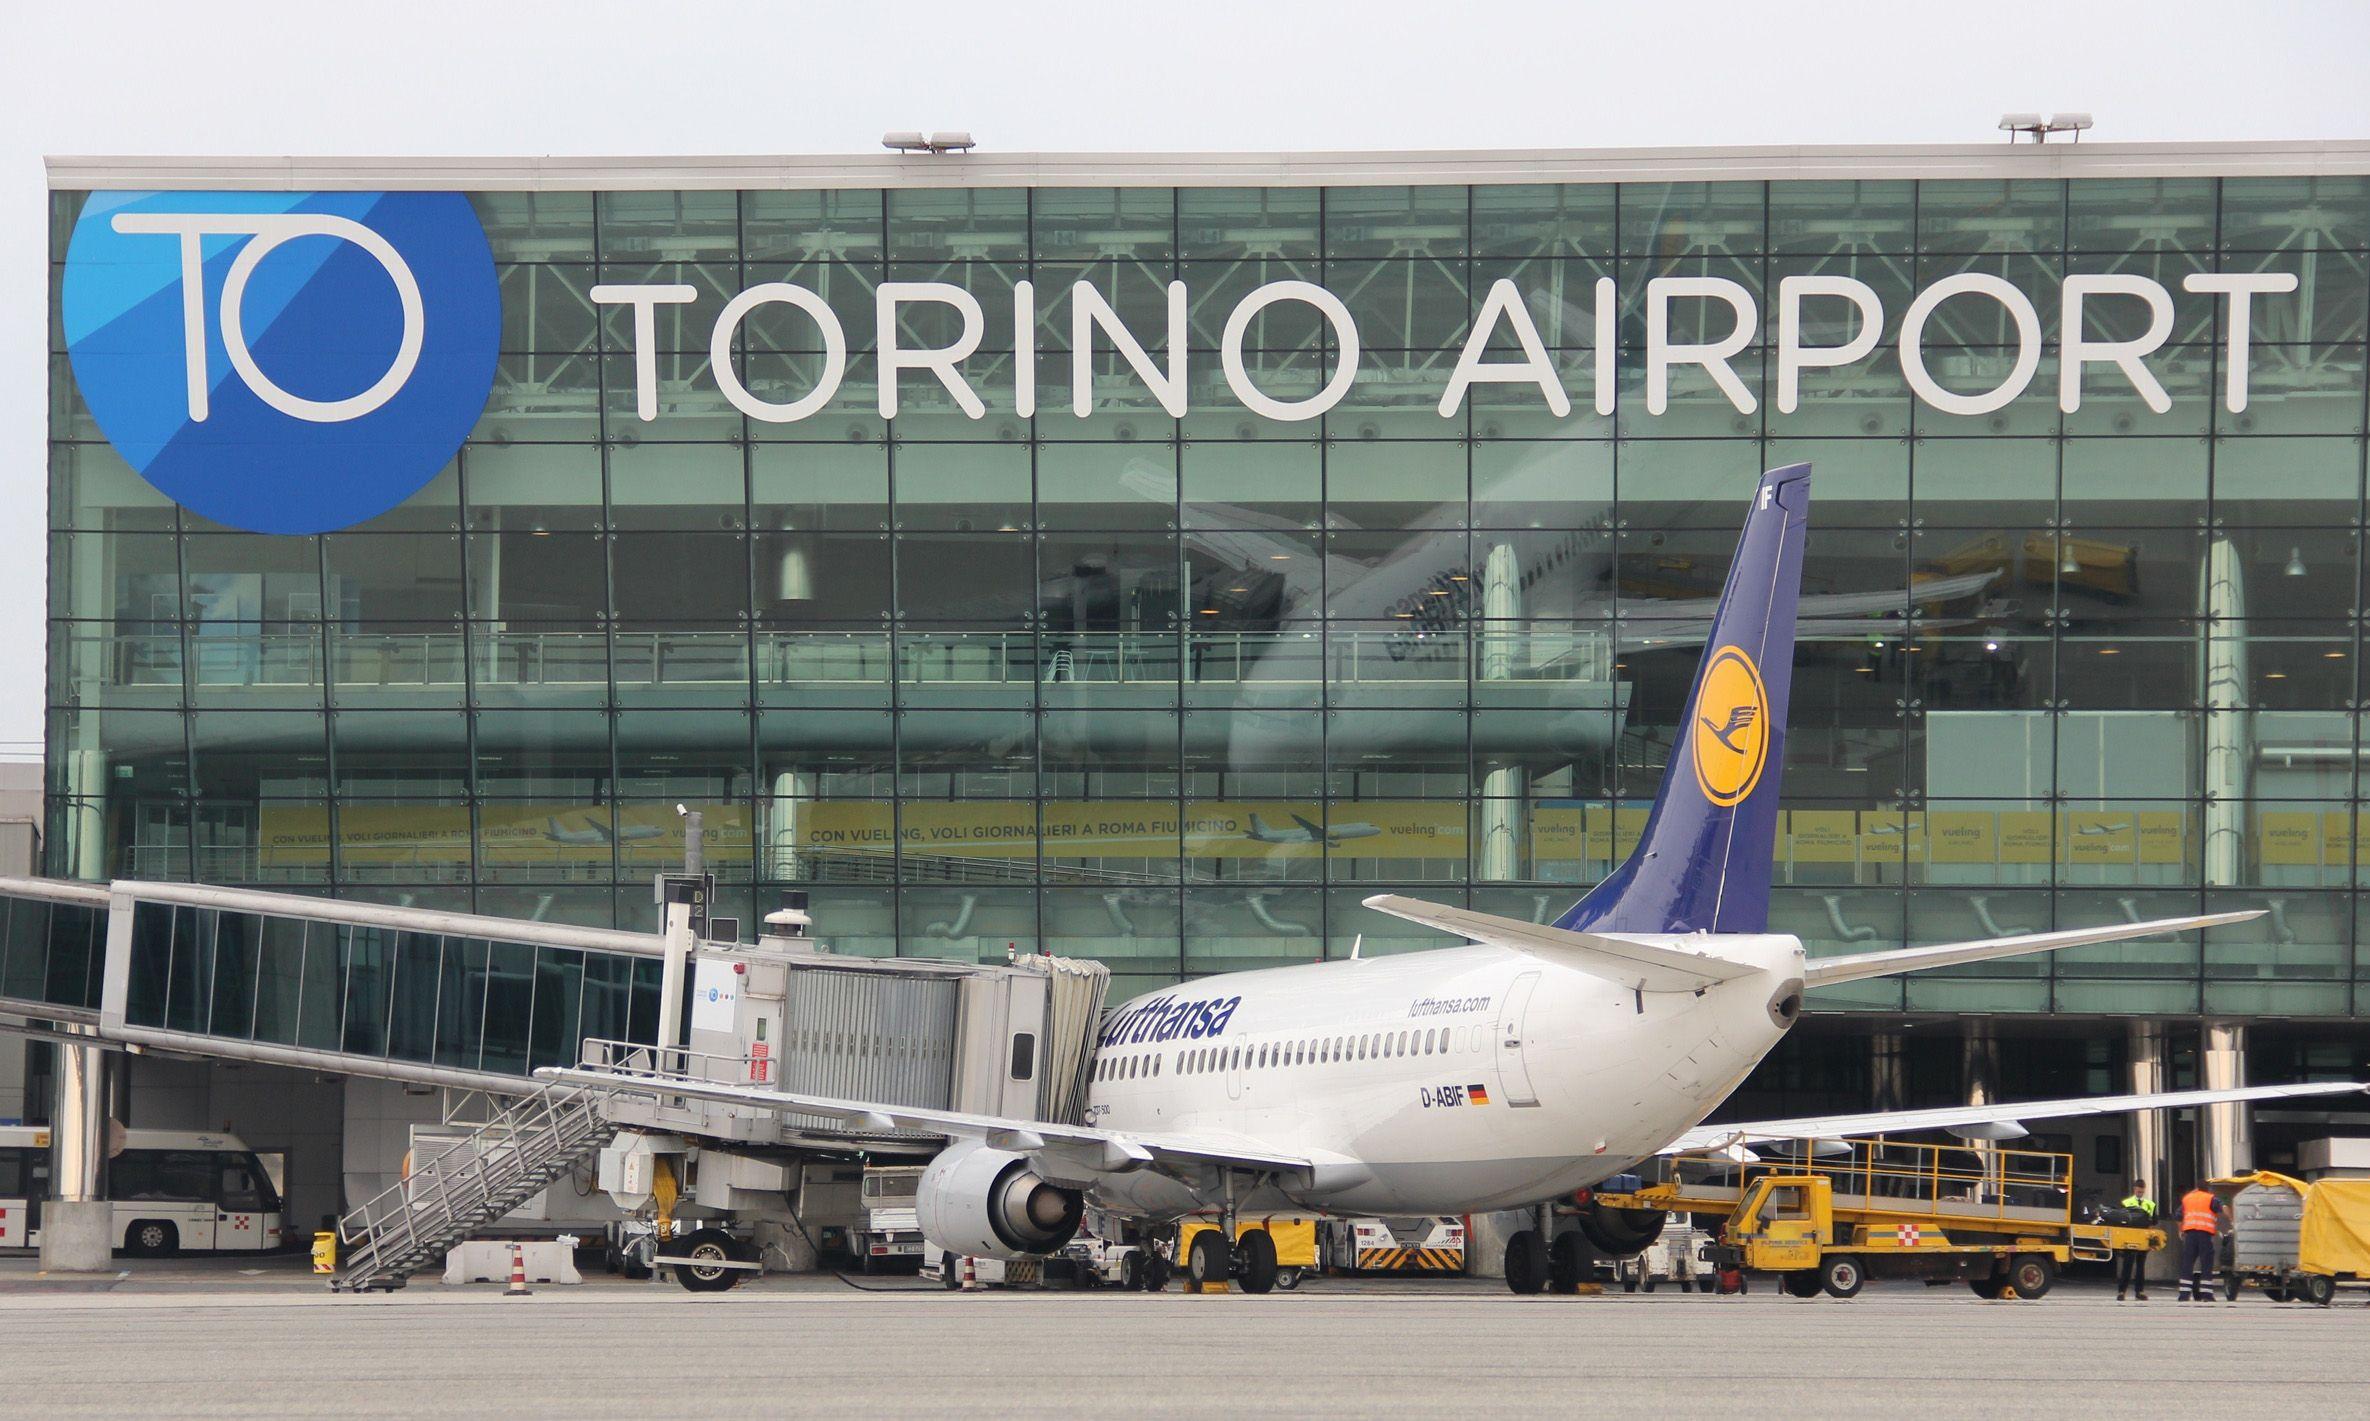 CASELLE - Bomba a Torino: aeroporto aperto ma previsti disagi